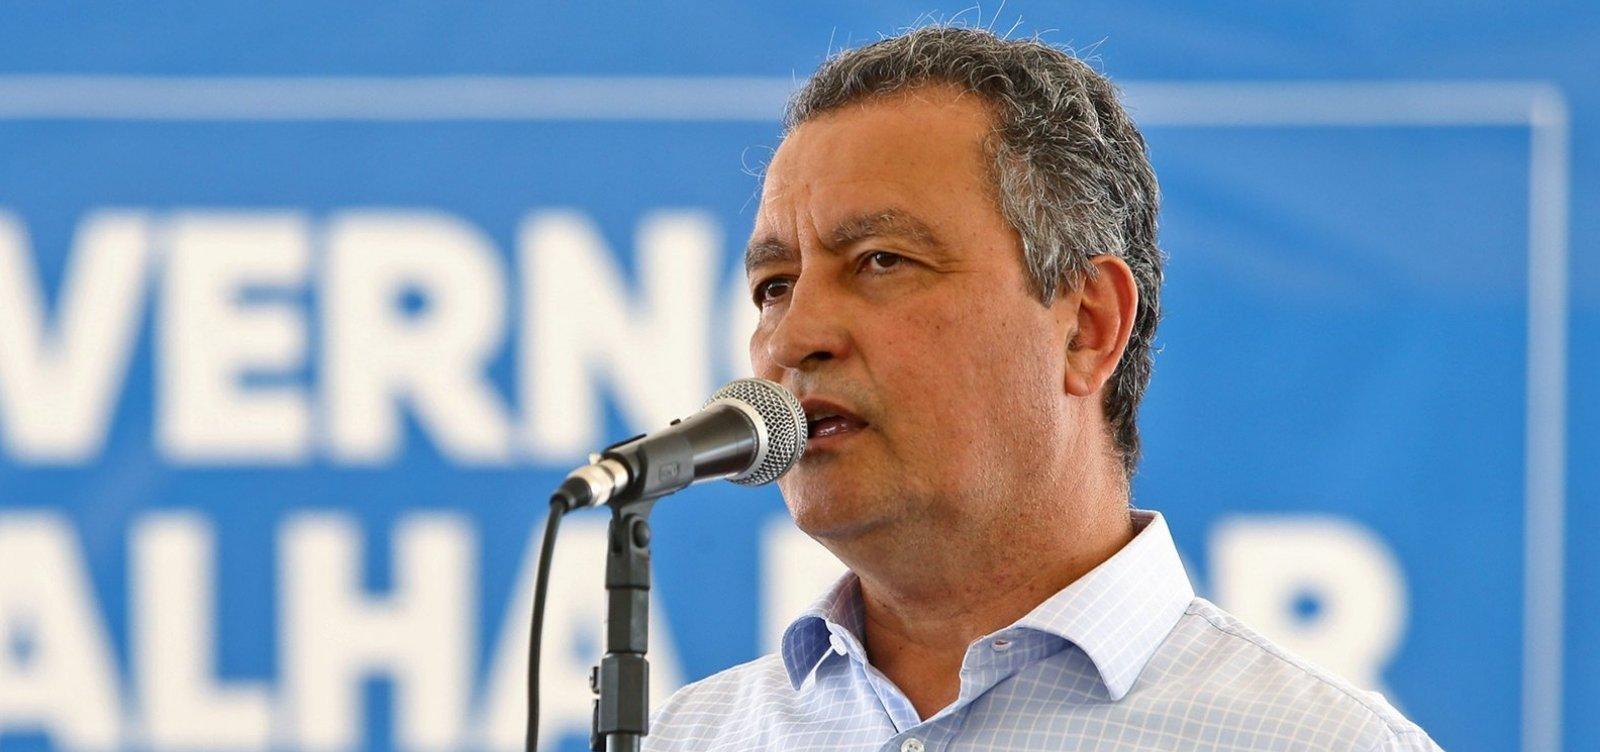 [Governador da Bahia comemora aprovação de uso definitivo de vacina da Pfizer]